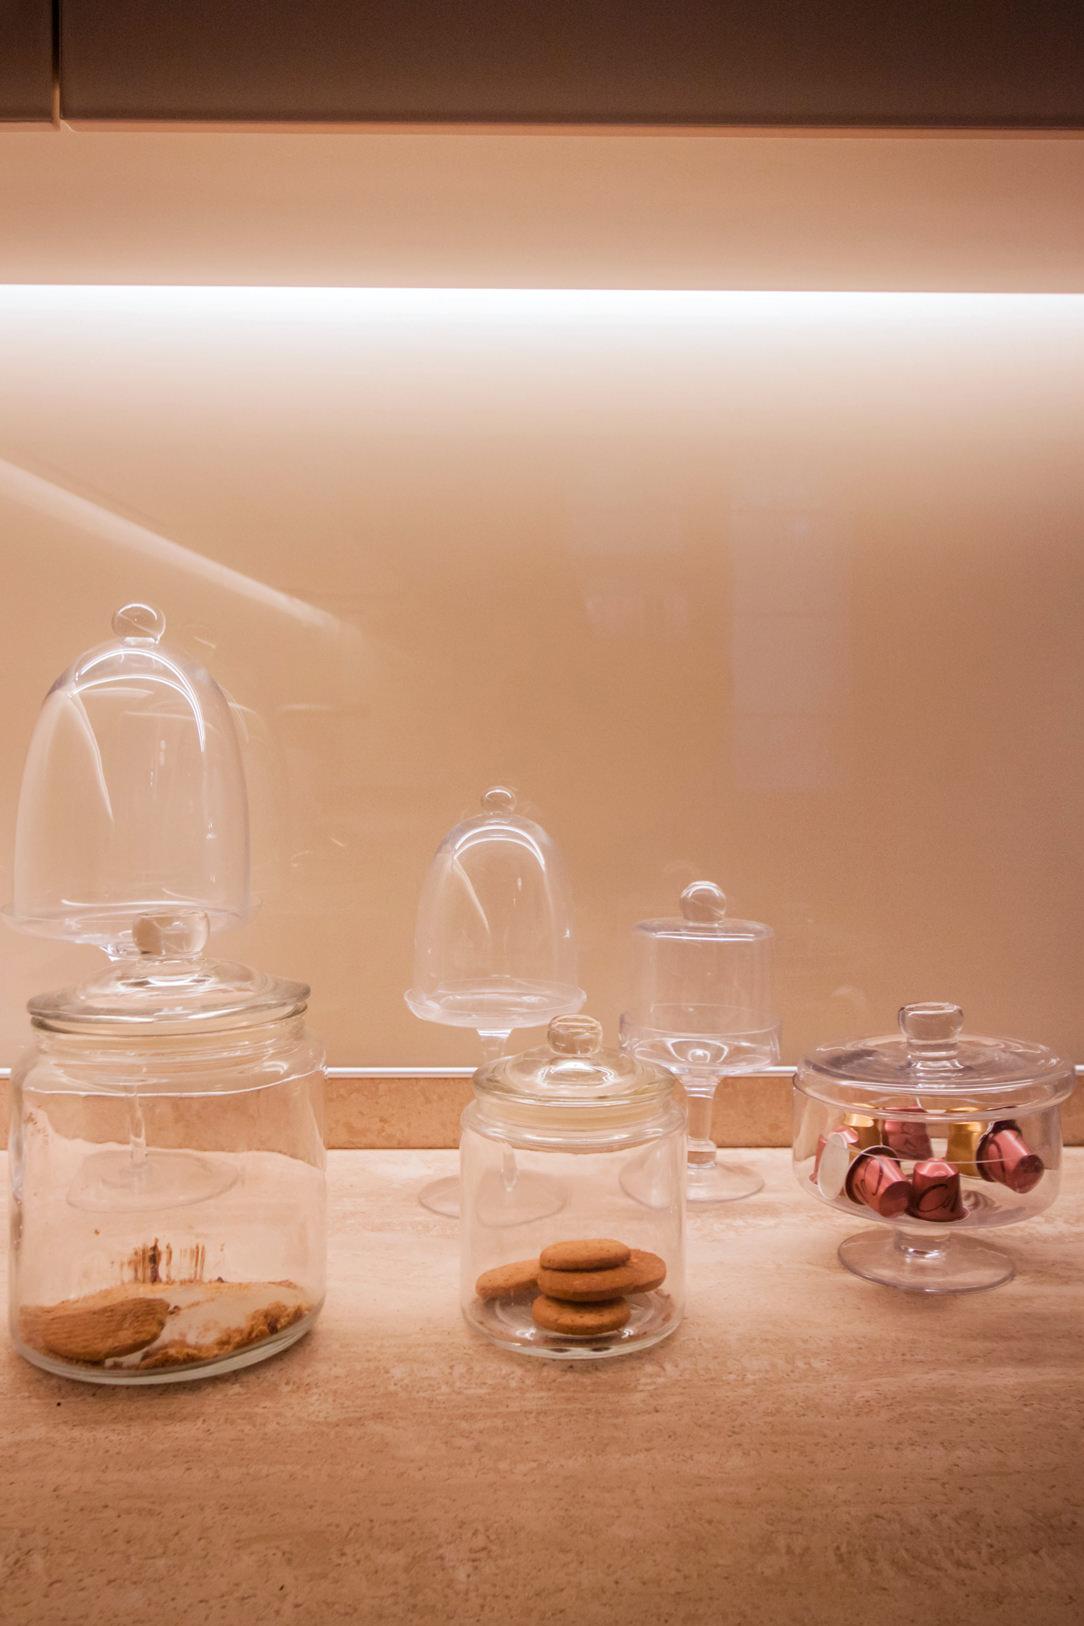 dettaglio-piano-cucina-pietra-naturale-alzata-lacobel-bianco